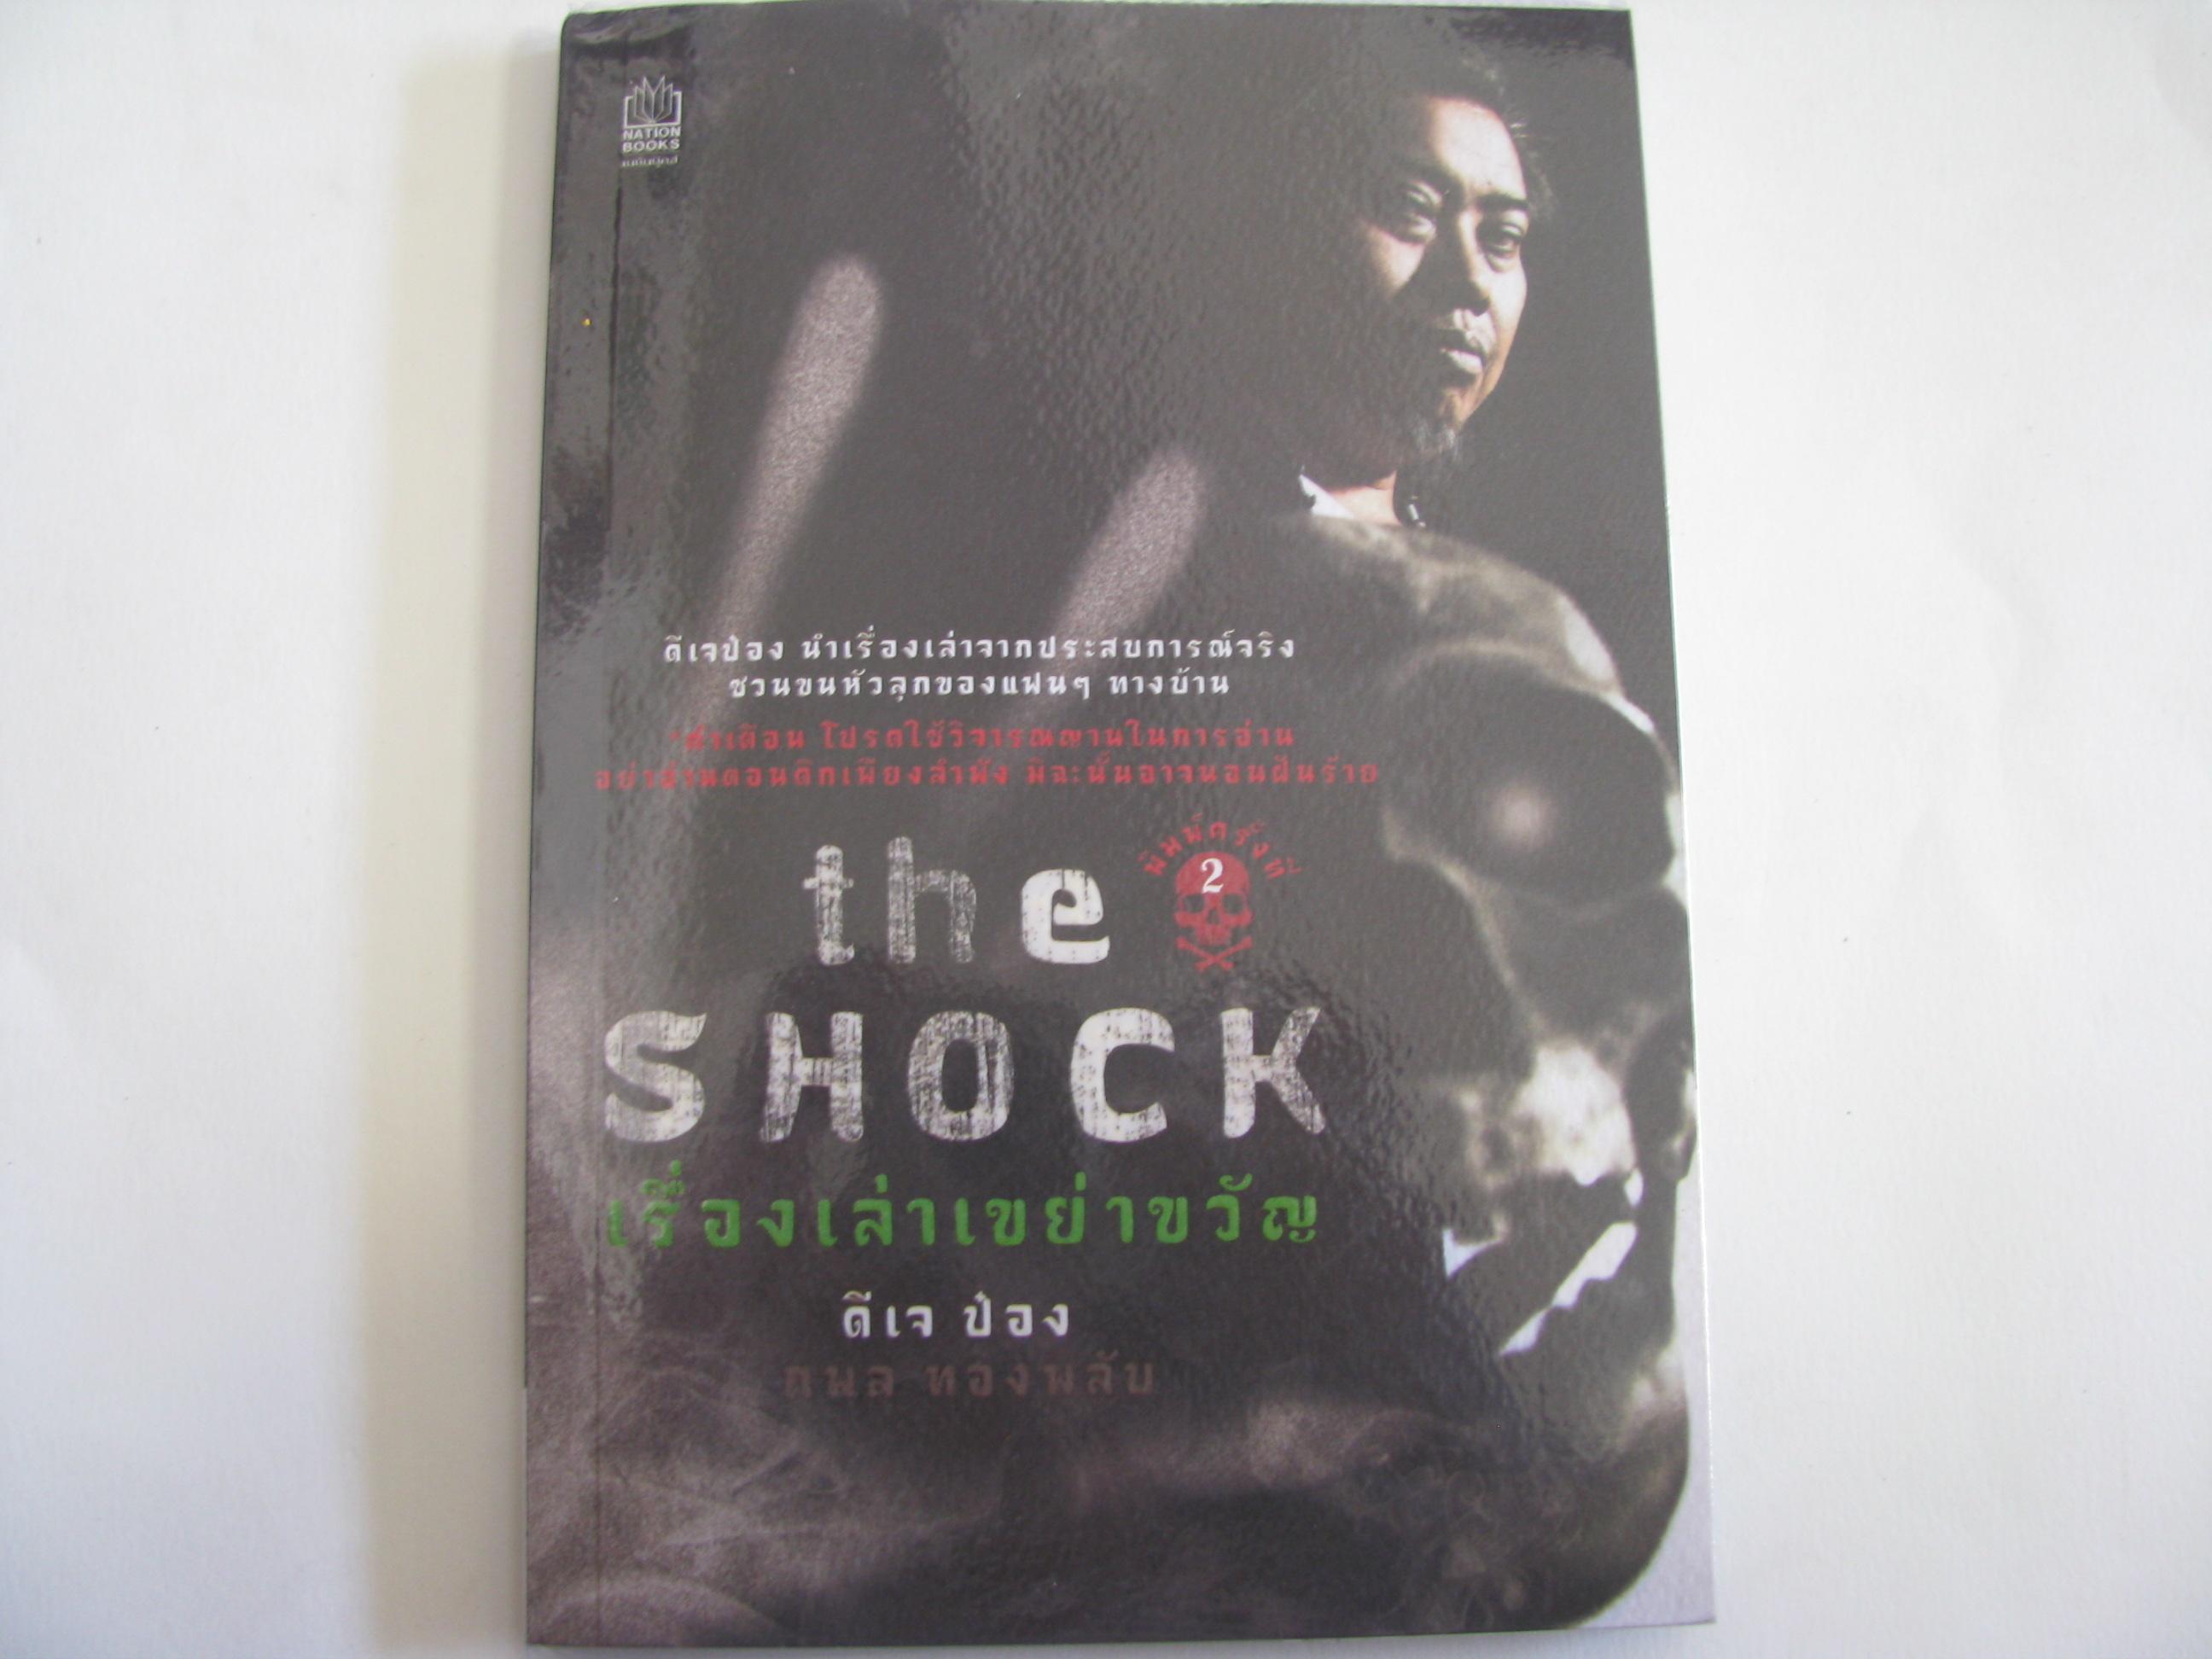 เรื่องเล่าเขย่าขวัญ (The Shock) พิมพ์ครั้งที่ 2 ดีเจป๋อง กพล ทองพลับ เขียน